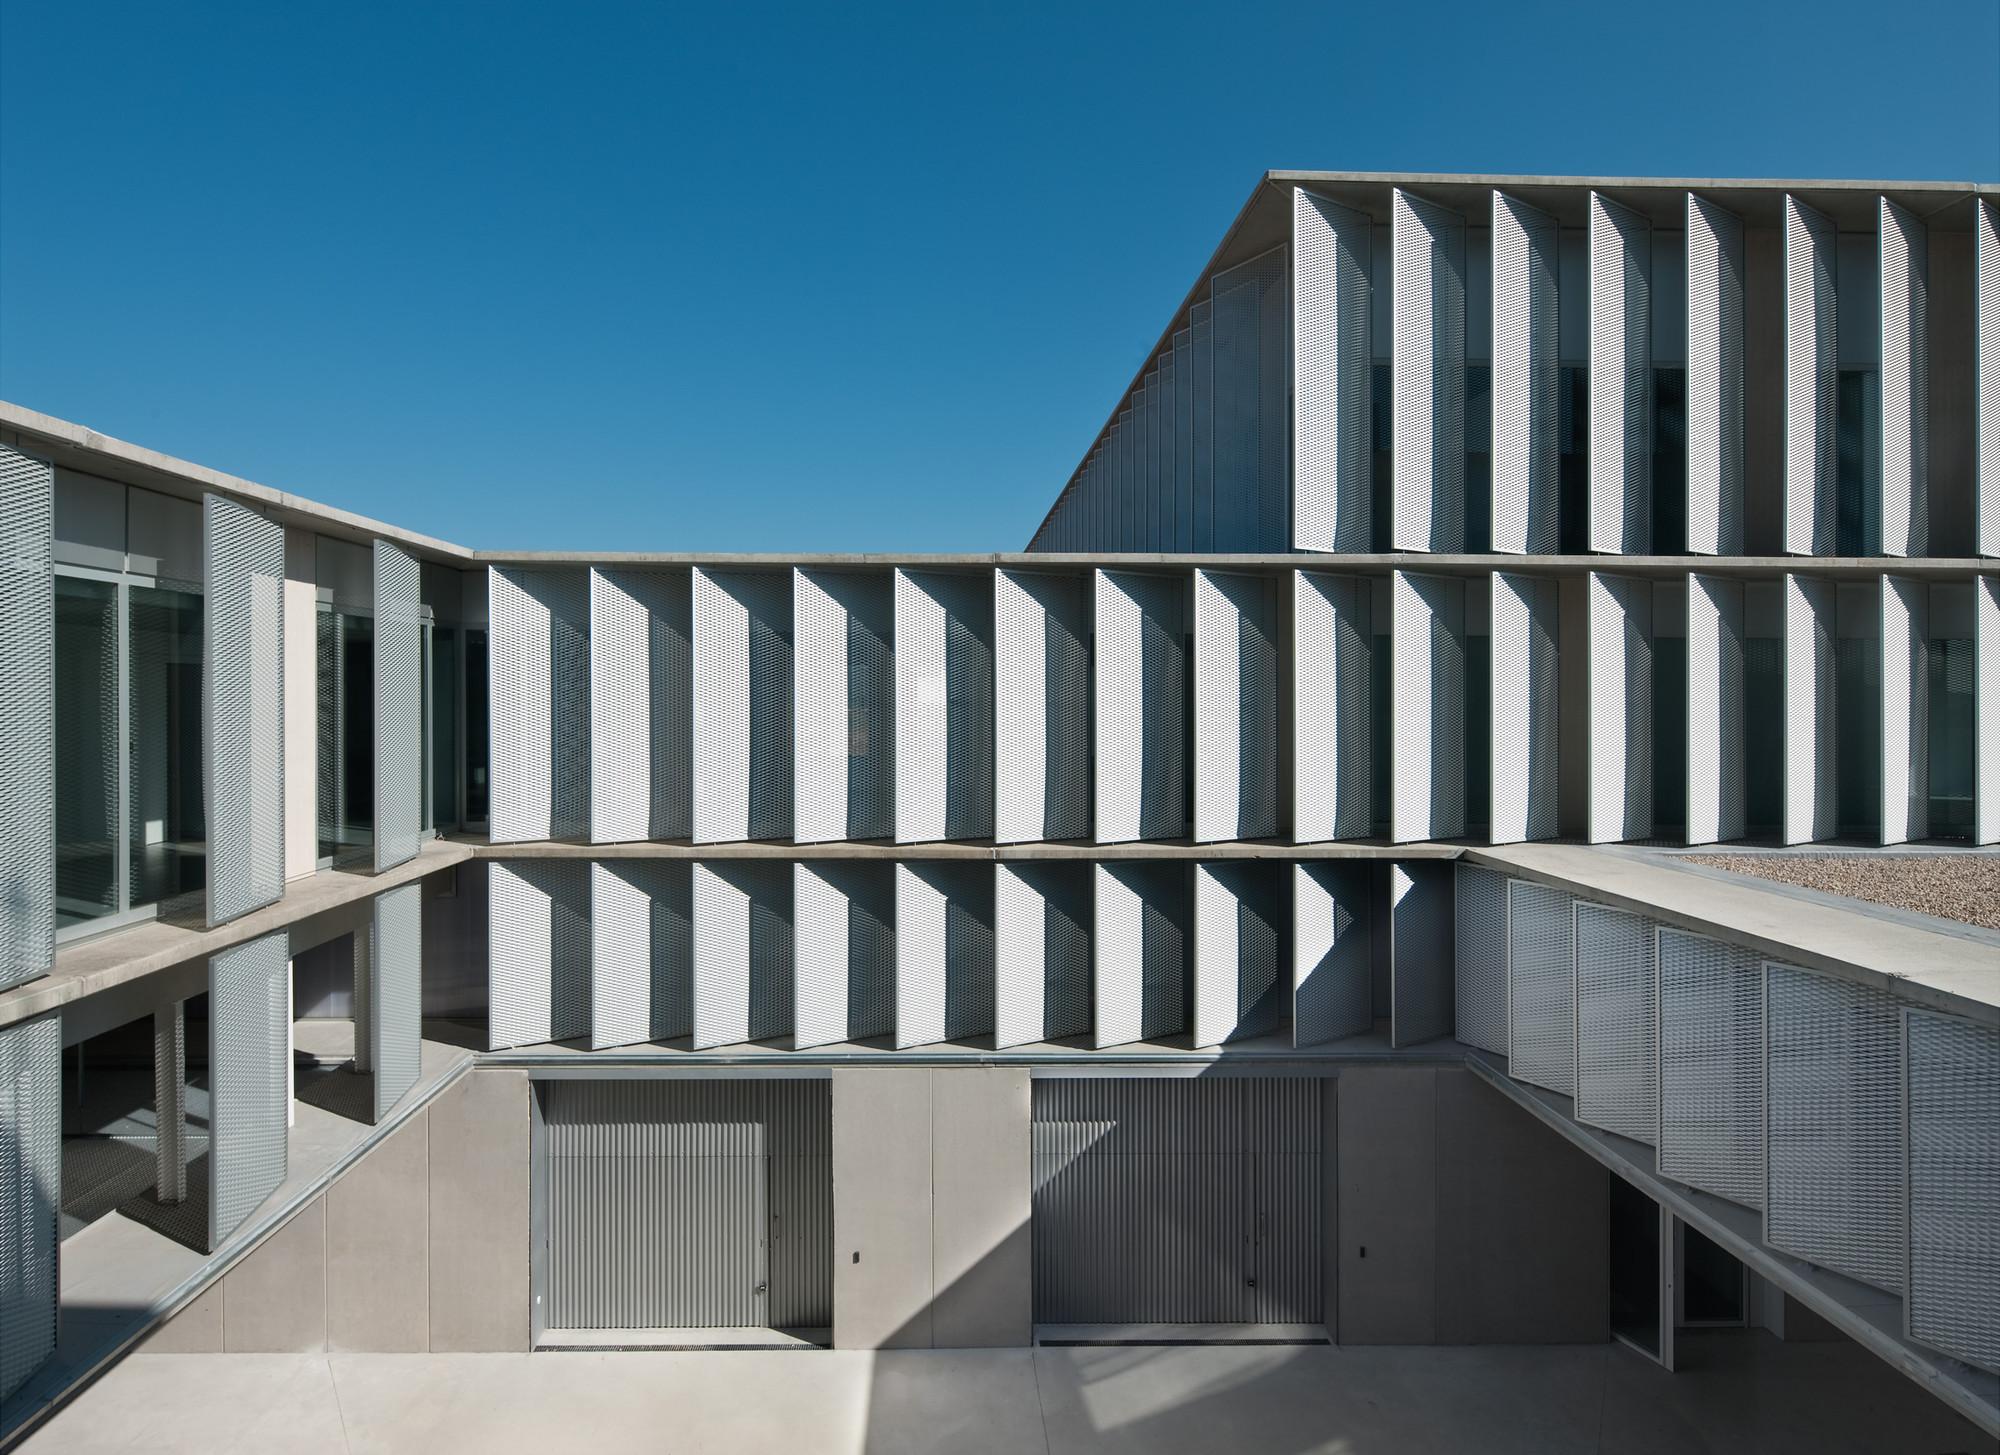 Miguel De Eguía De Estella Technological Center / MRM Arquitectos